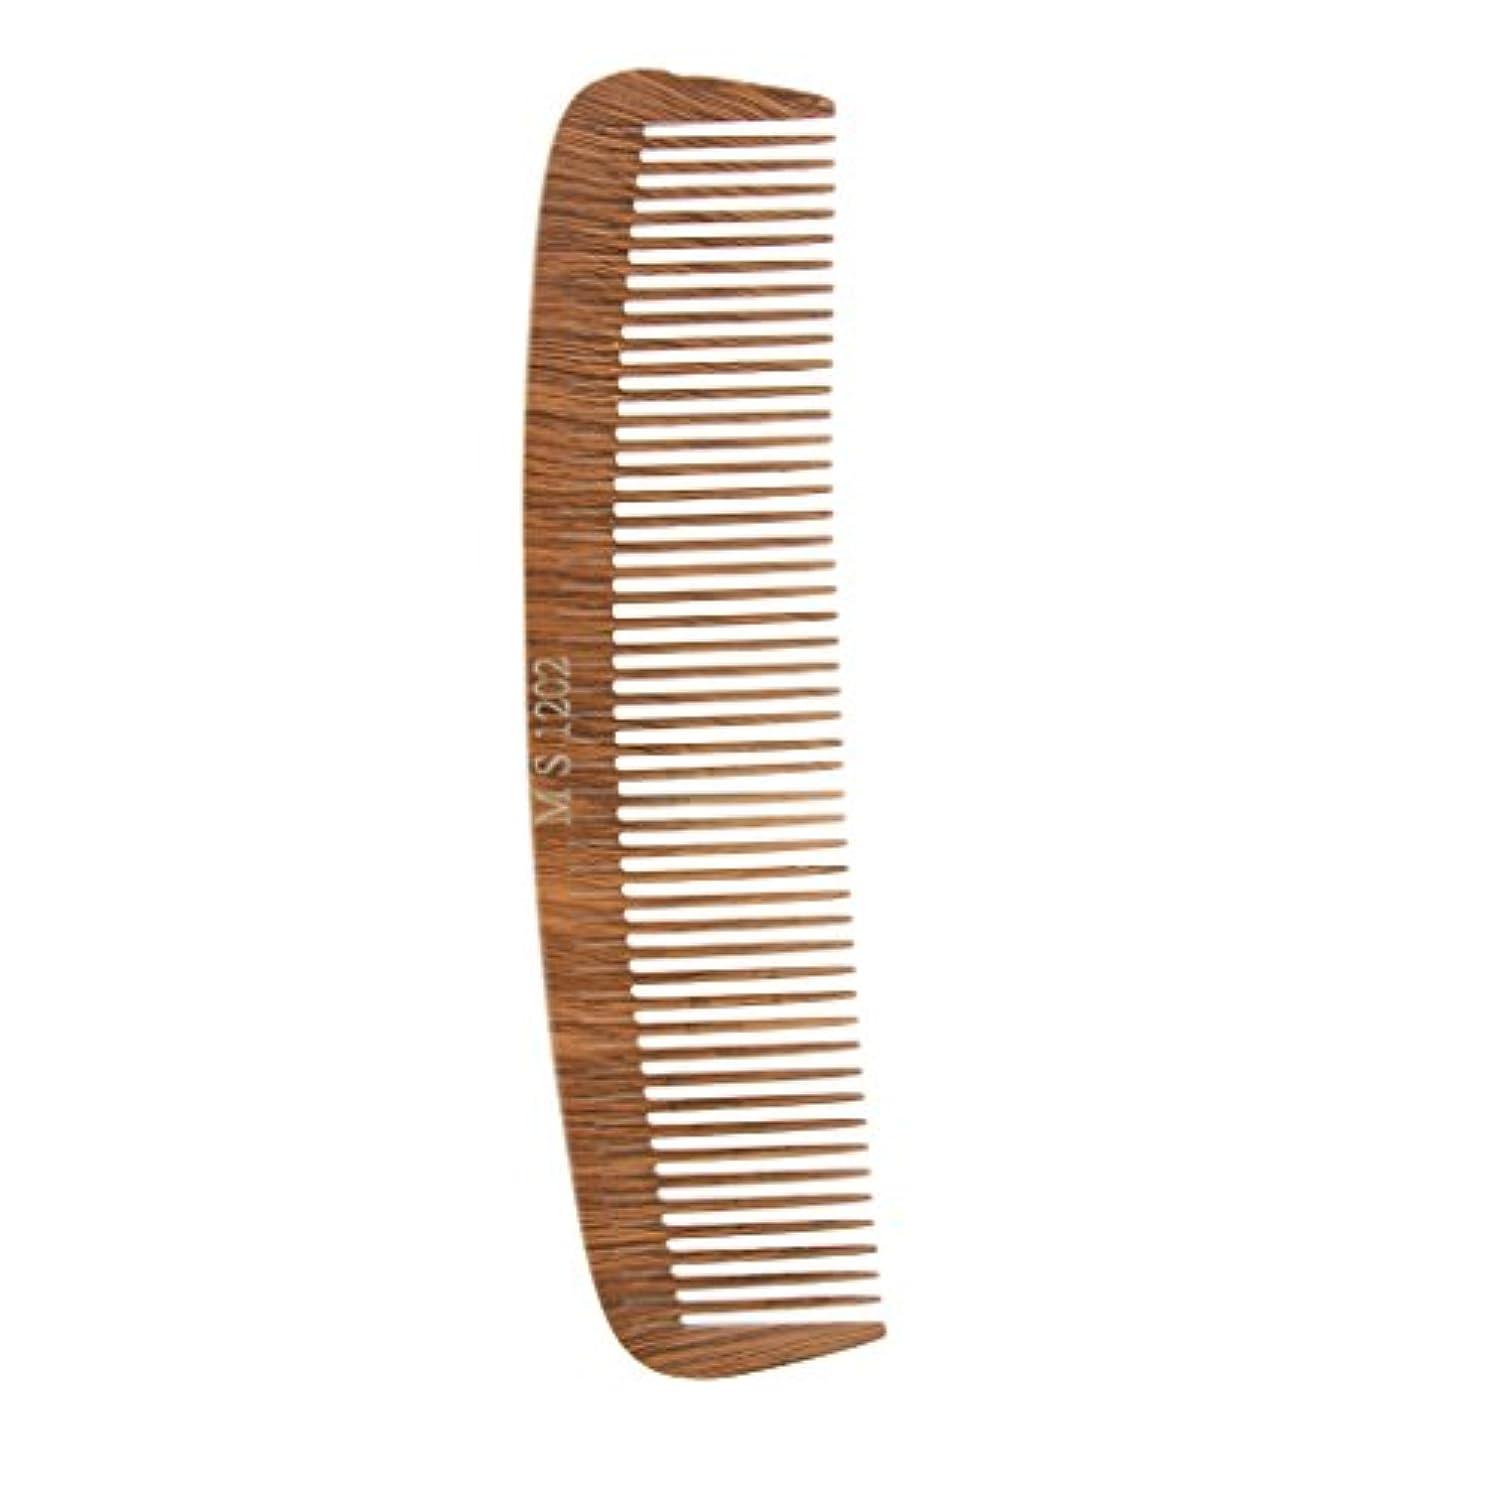 金銭的却下するステップBaosity ヘアカットコーム コーム 木製櫛 帯電防止 4タイプ選べる - 1202